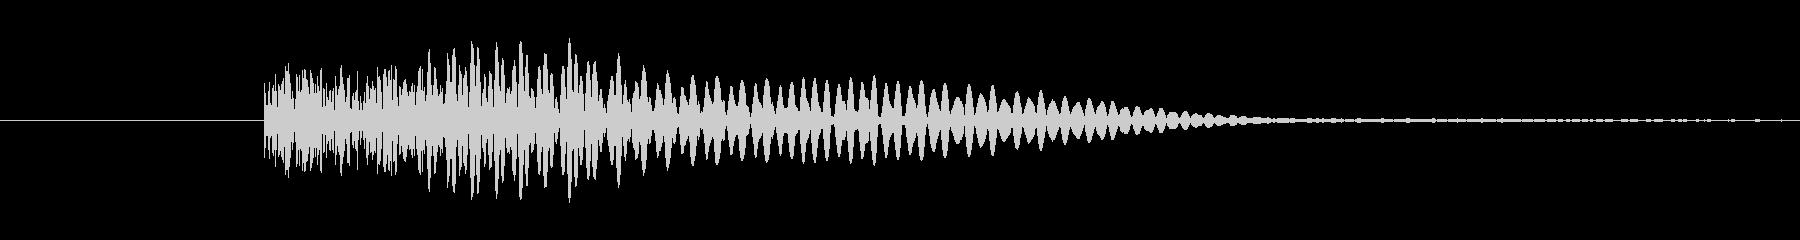 ヘヴィメタ風 ブリッジミュート音2の未再生の波形